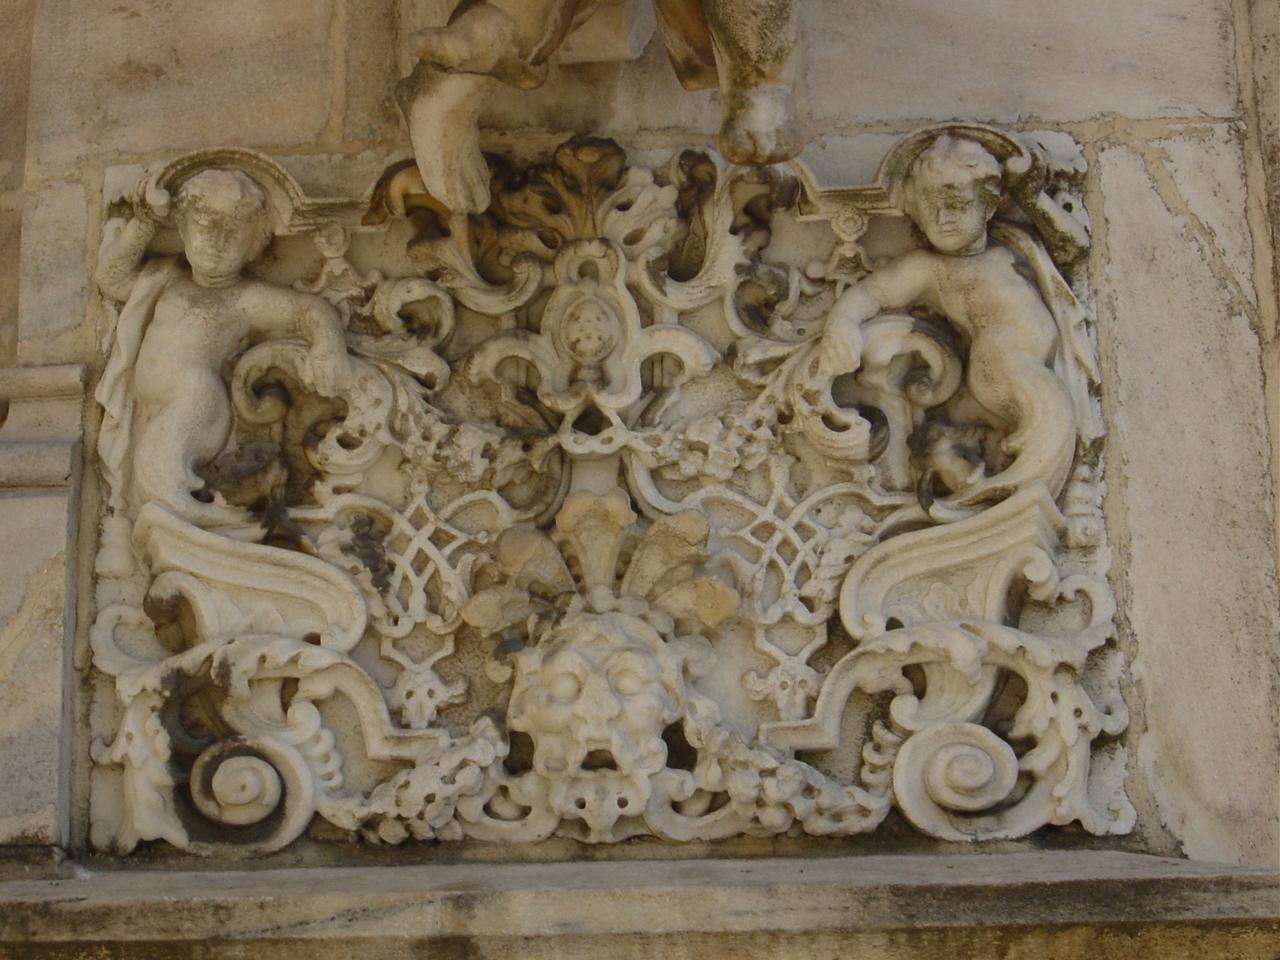 File:DSC08066 - Milano - Duomo - Rilievo barocco sul tetto - Foto ...